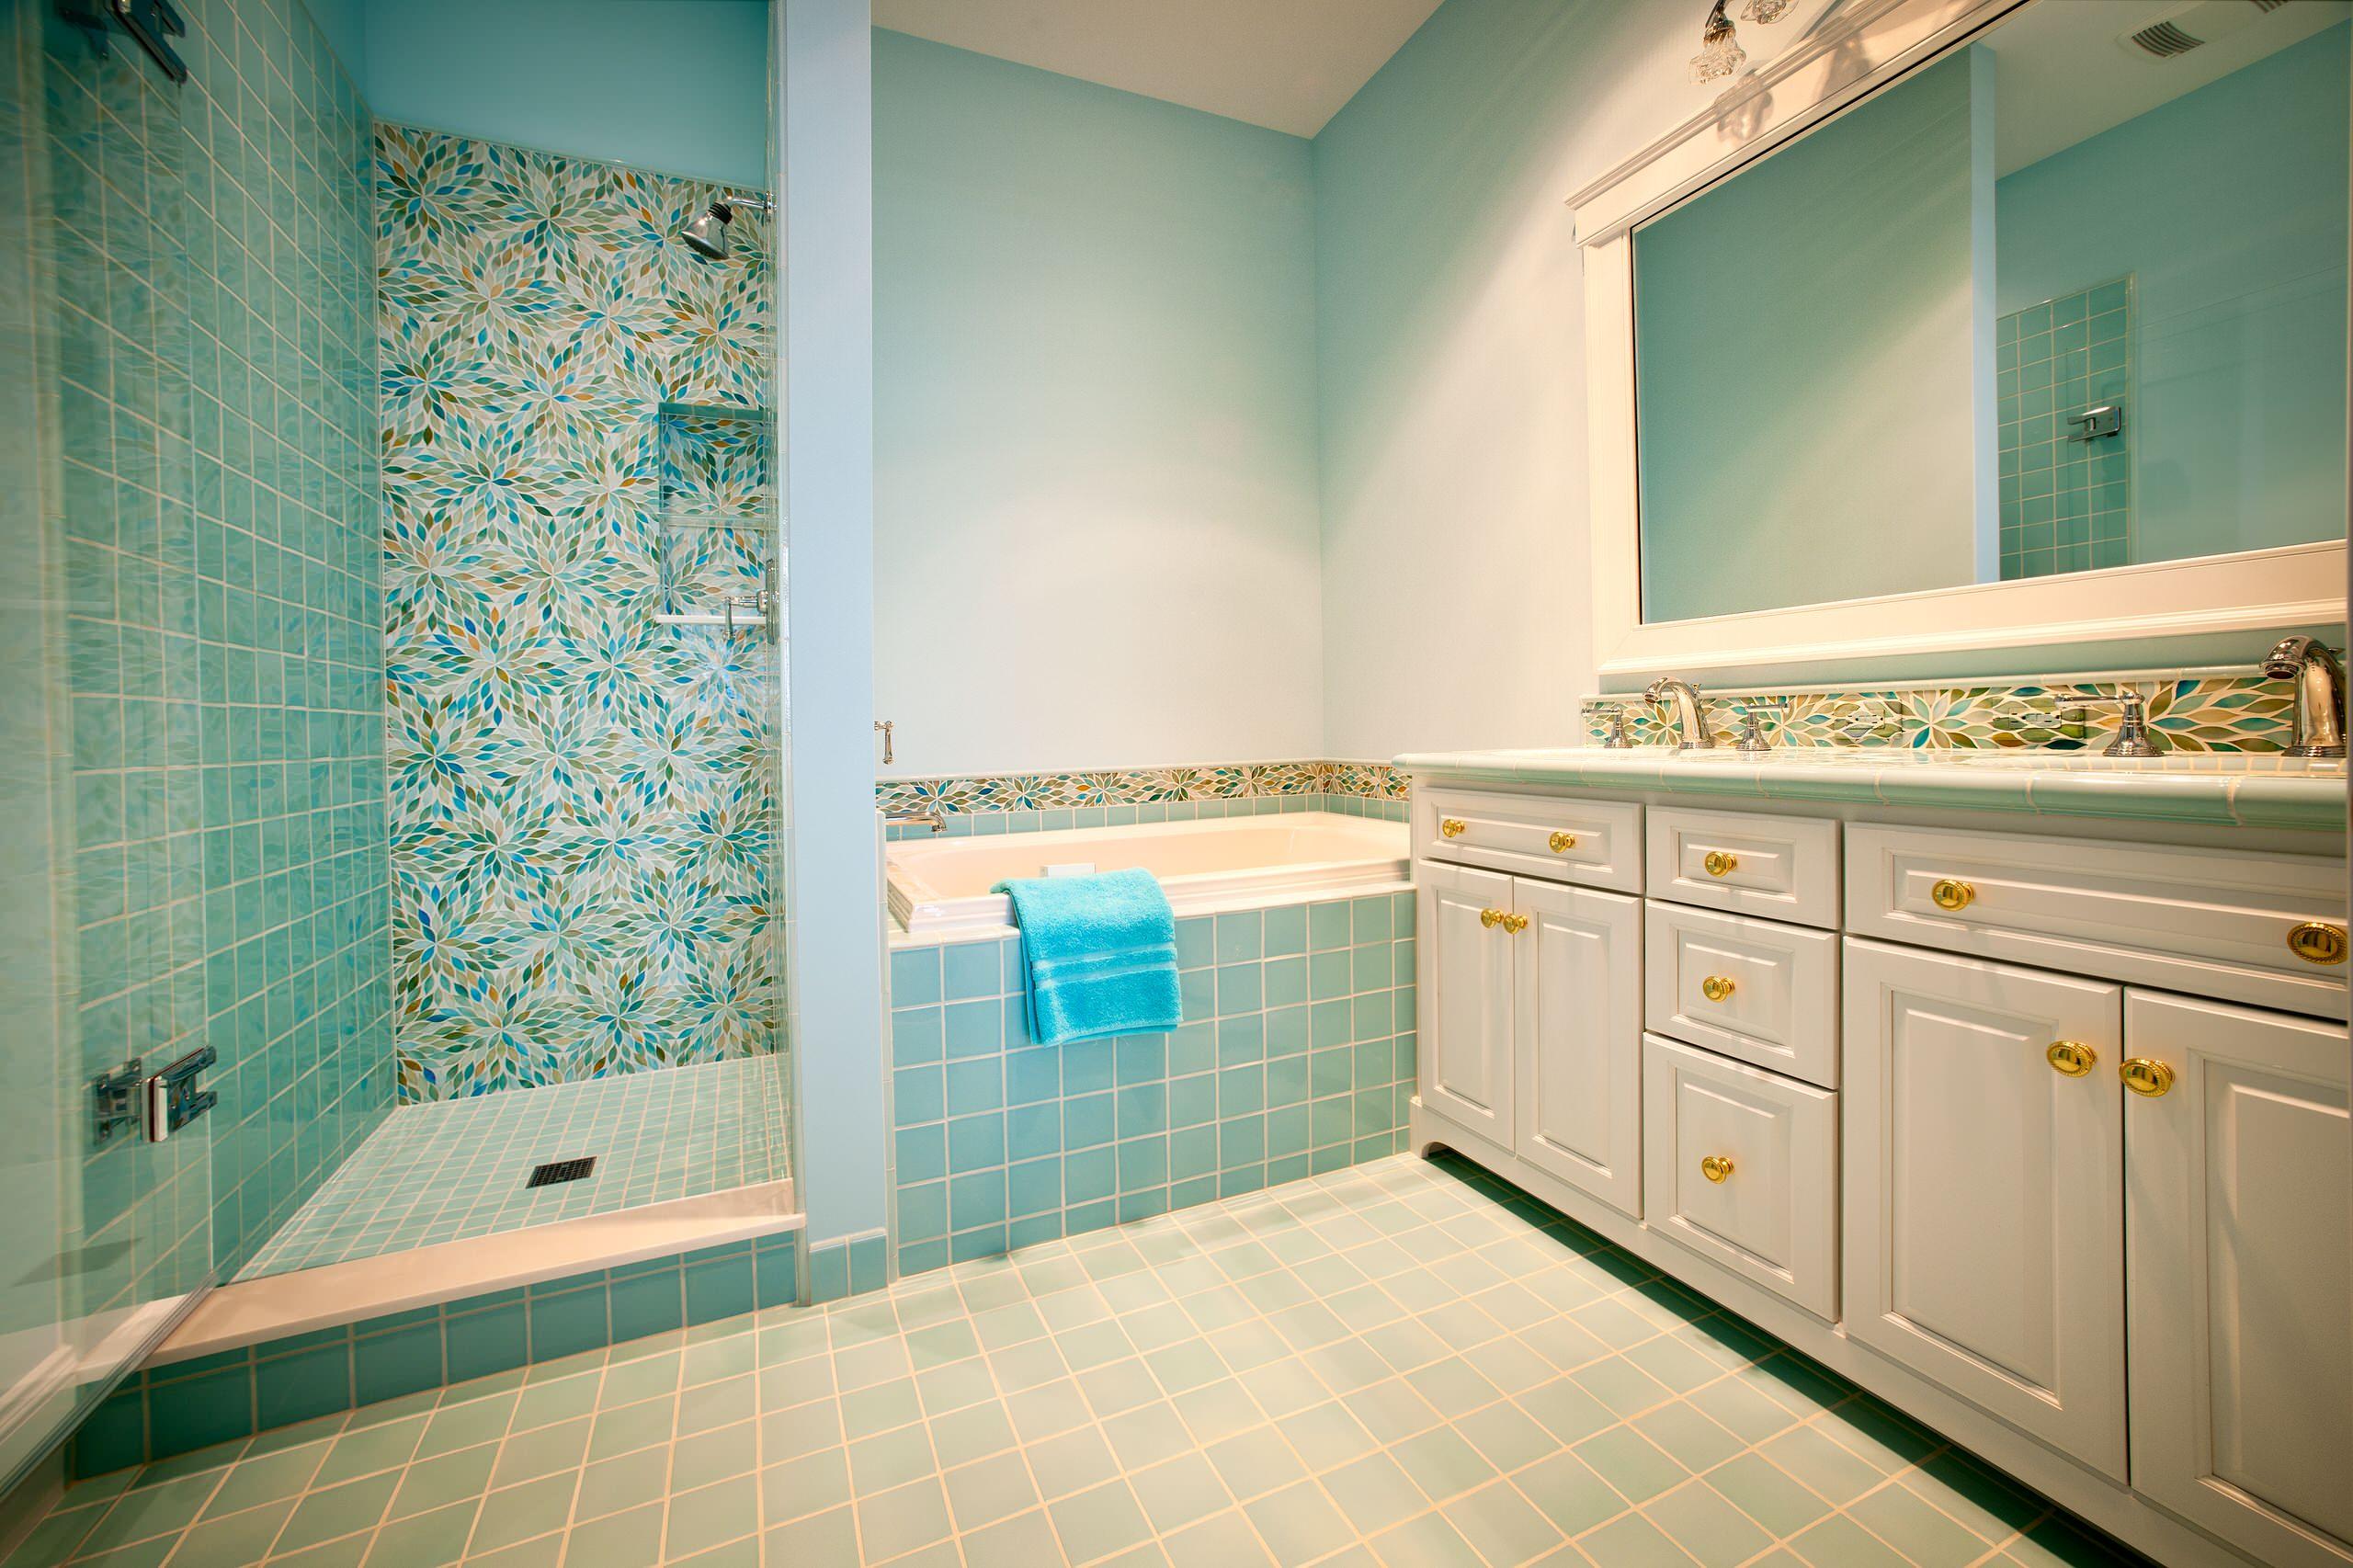 aqua seafoam blue glass mosaic tile bathroom ideas photos houzz